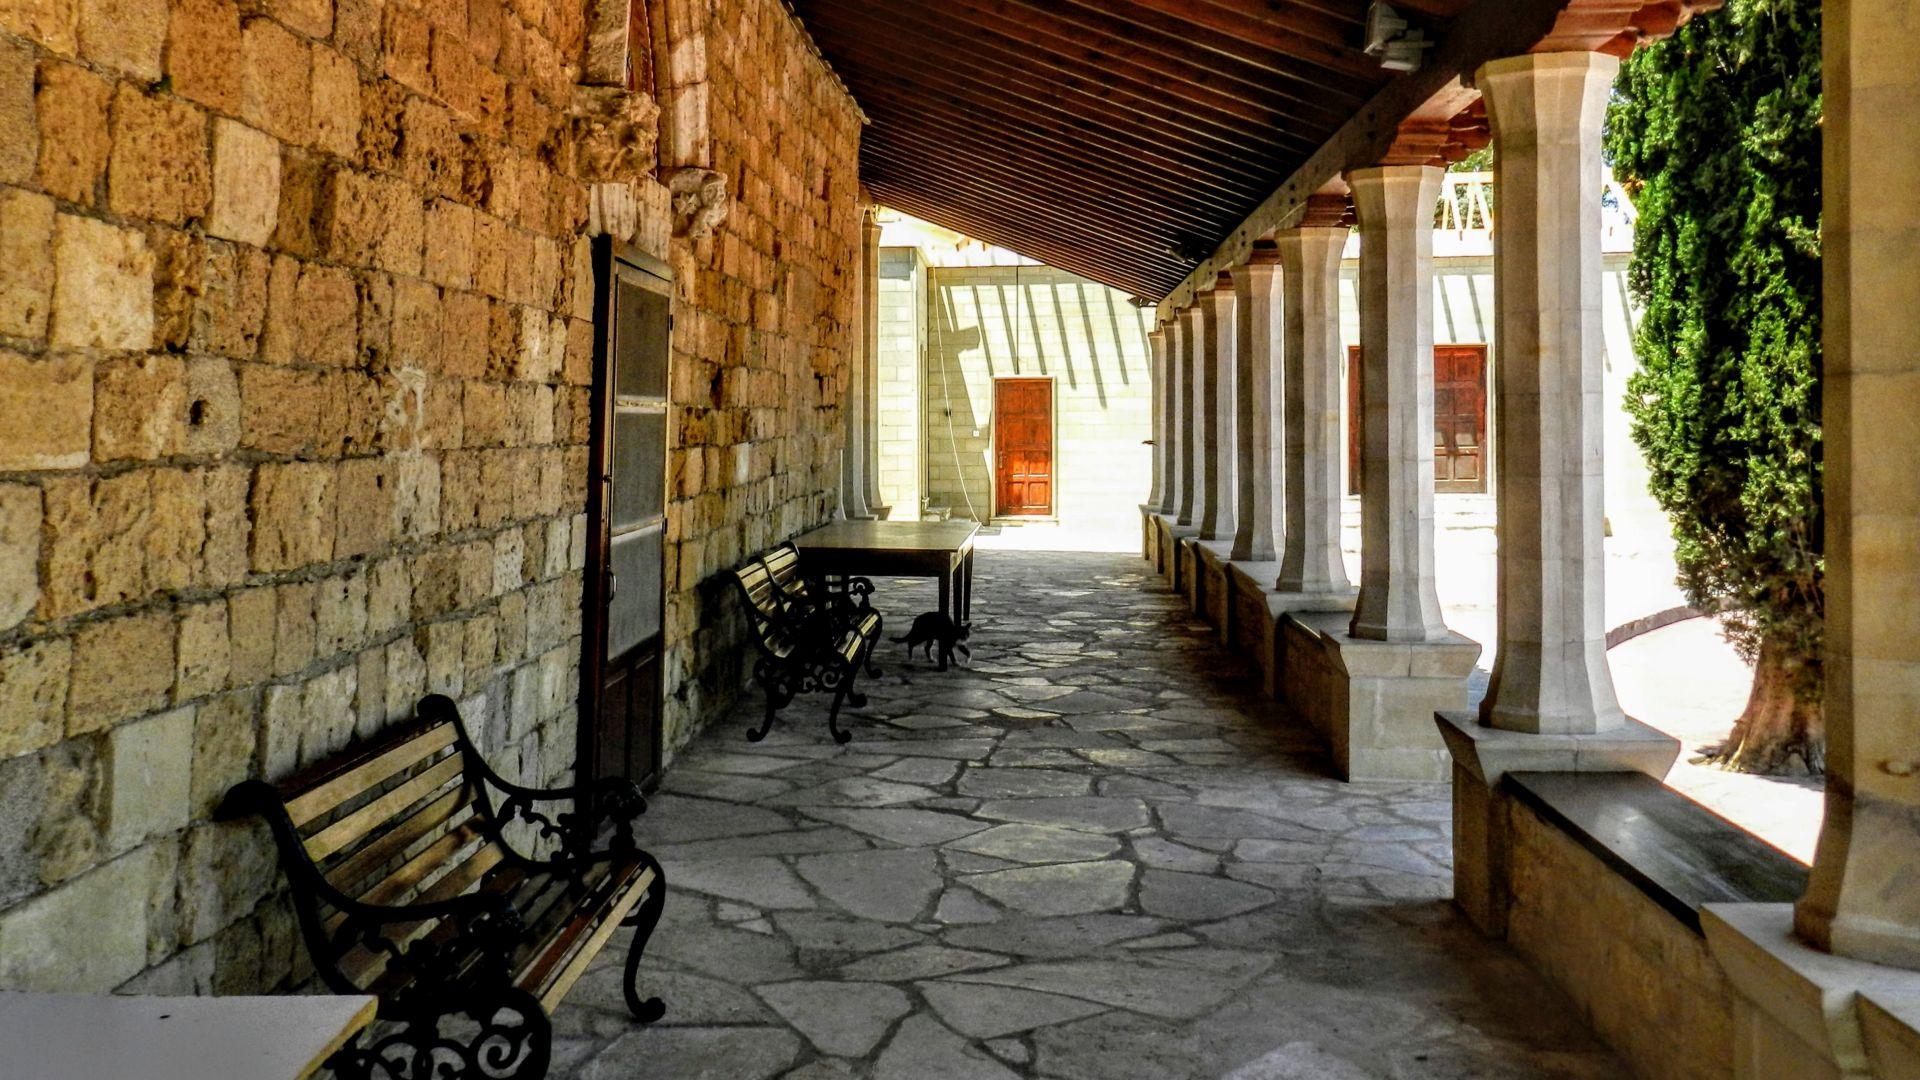 Klasztor Agios Nikolaos ton Gaton